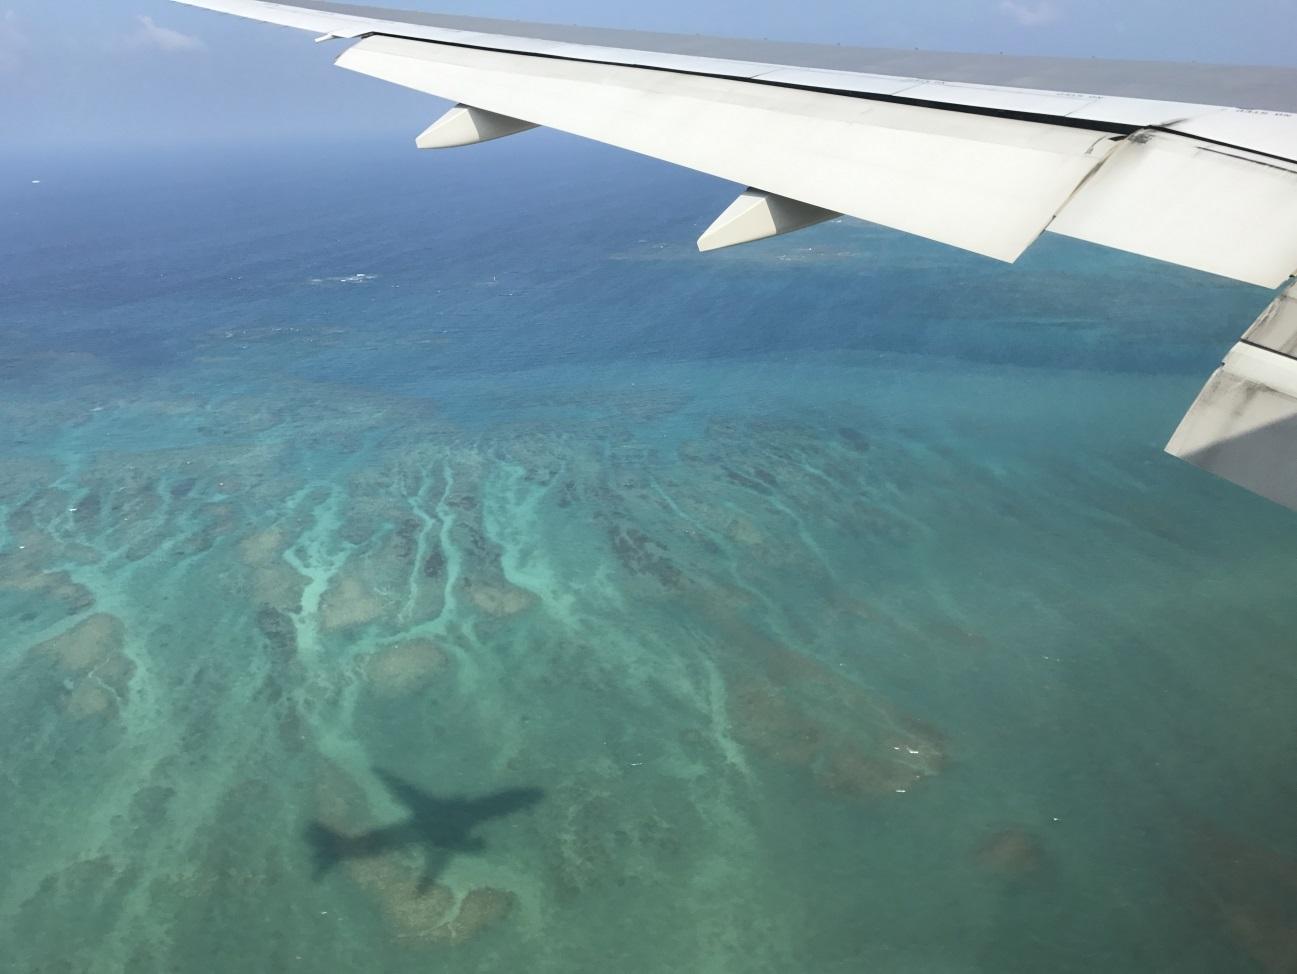 沖縄の島々を航空機でひたすら飛ぶツアー発売、1泊2日で16フライトなど、日本最短13キロ5分の路線など離島フライトで